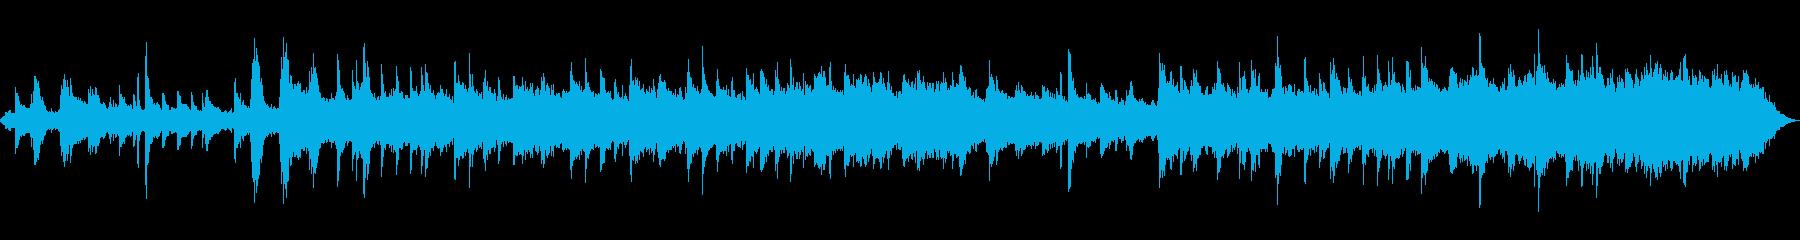 ヒーリング 瞑想 マインドフルネスの再生済みの波形